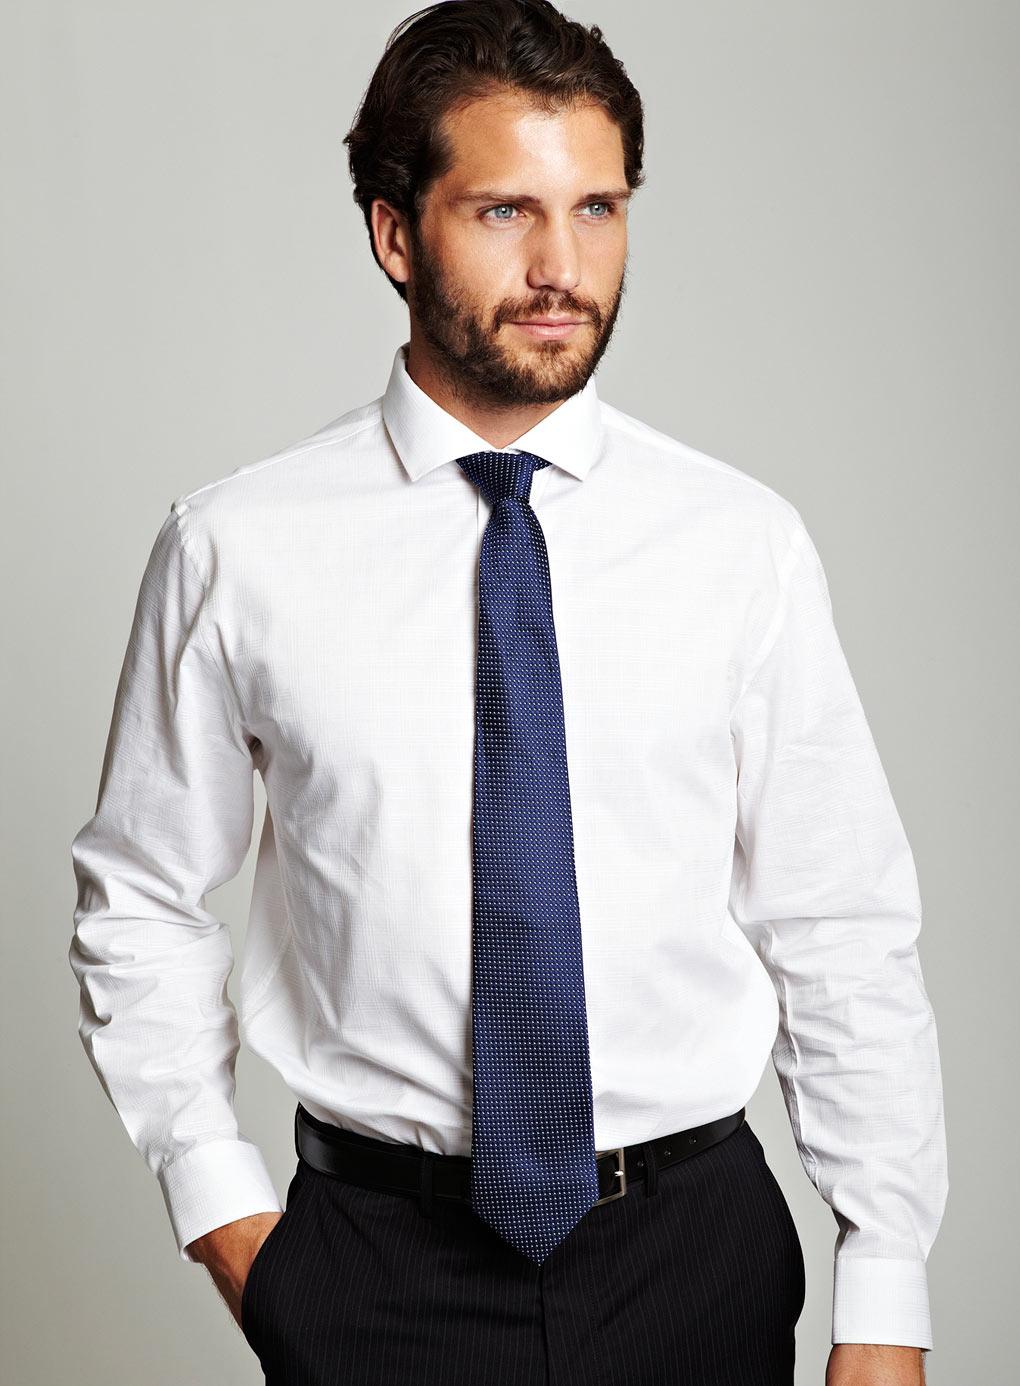 белая рубашка с галстуком картинки шоколадные конфеты могут